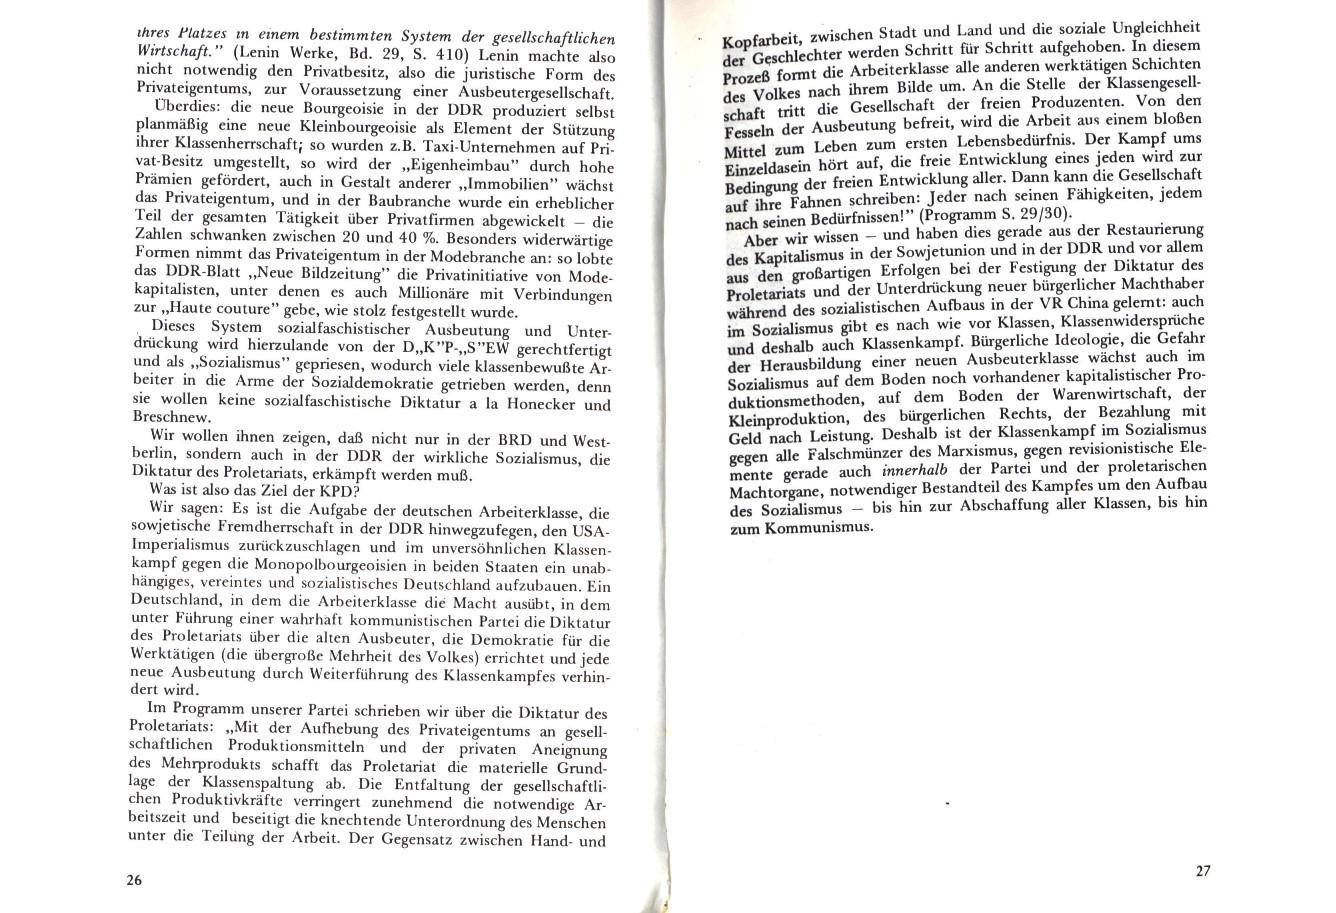 KPDAO_1976_KPD_oder_DKP_15